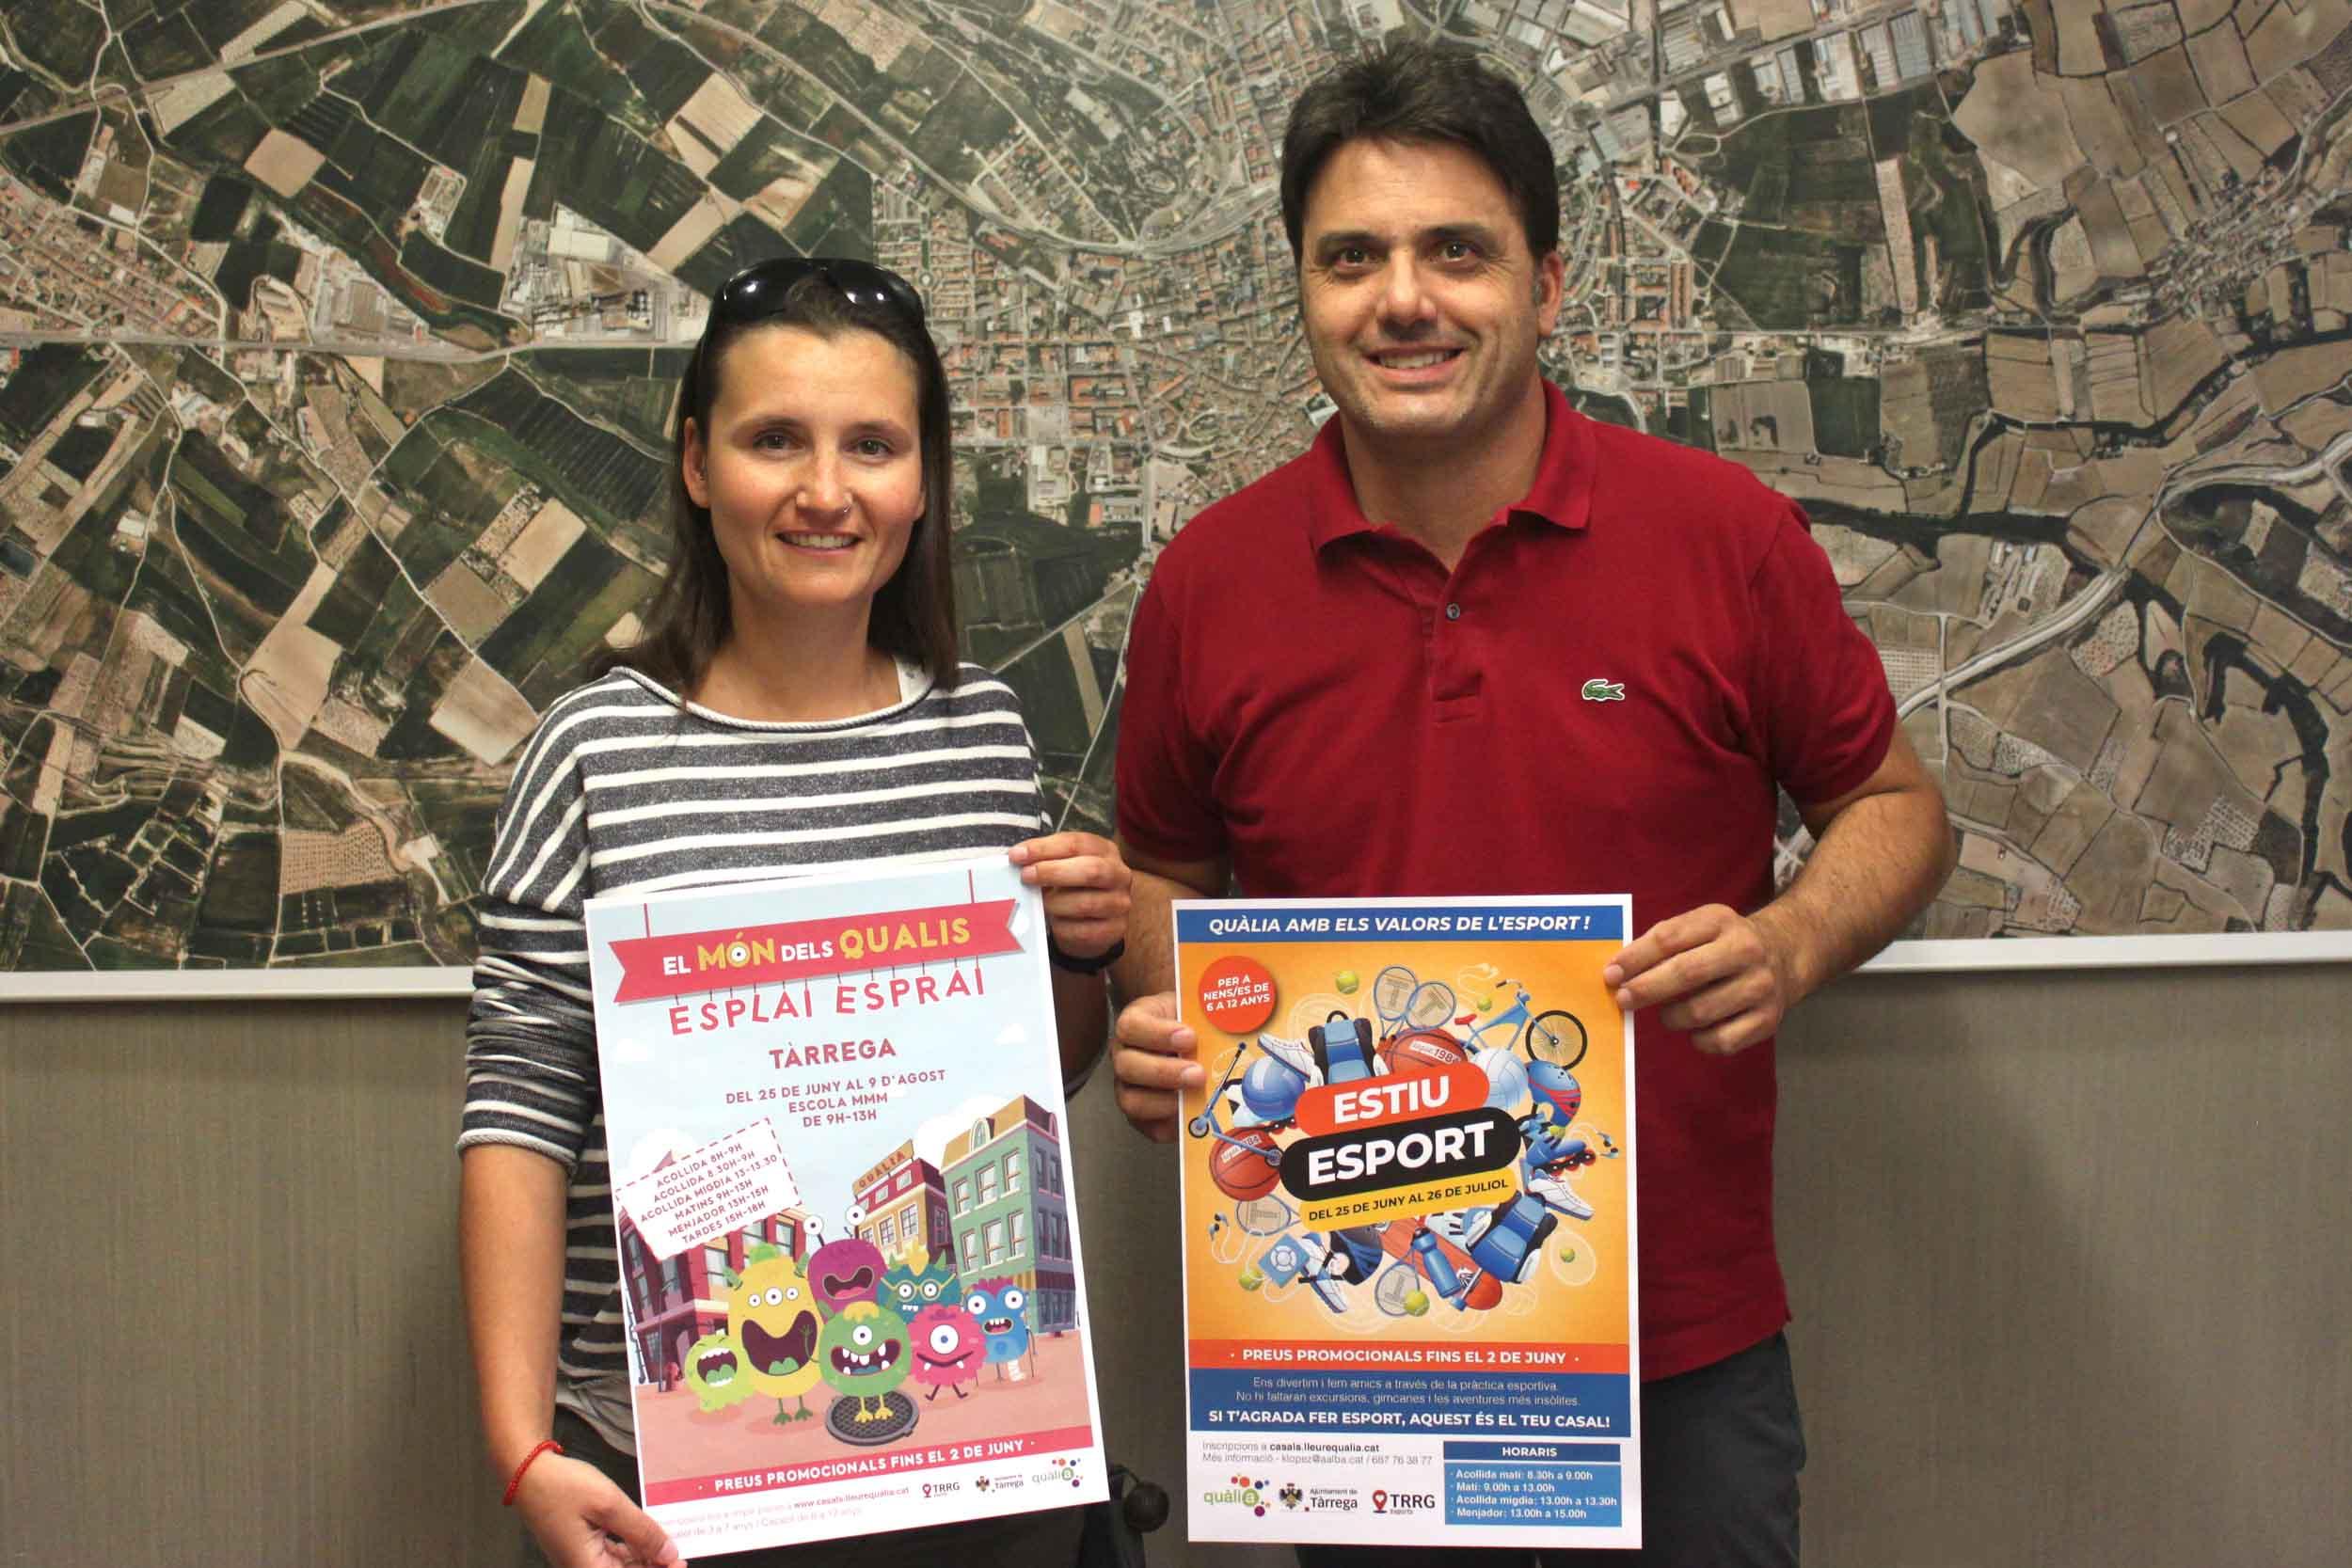 Inscripció oberta als casals municipals d'estiu de Tàrrega, amb activitats per a infants de 3 a 12 anys a partir del 25 de juny